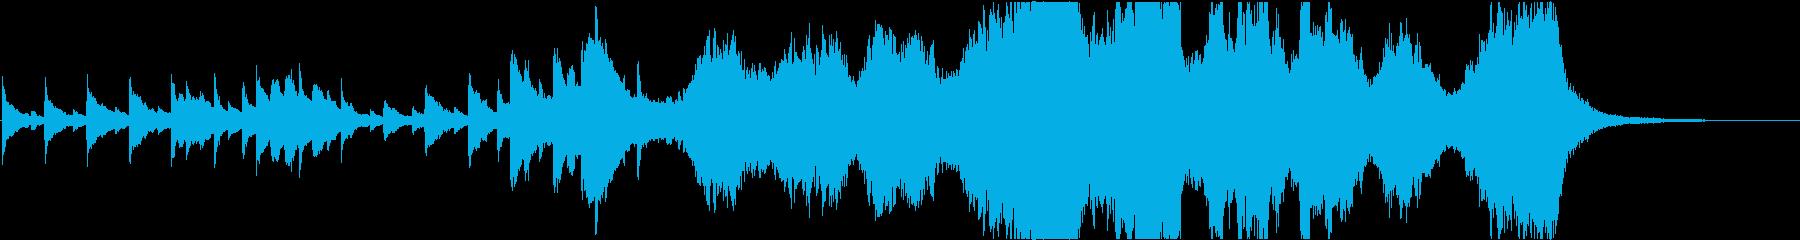 クリスマスをイメージしたオーケストラ曲の再生済みの波形